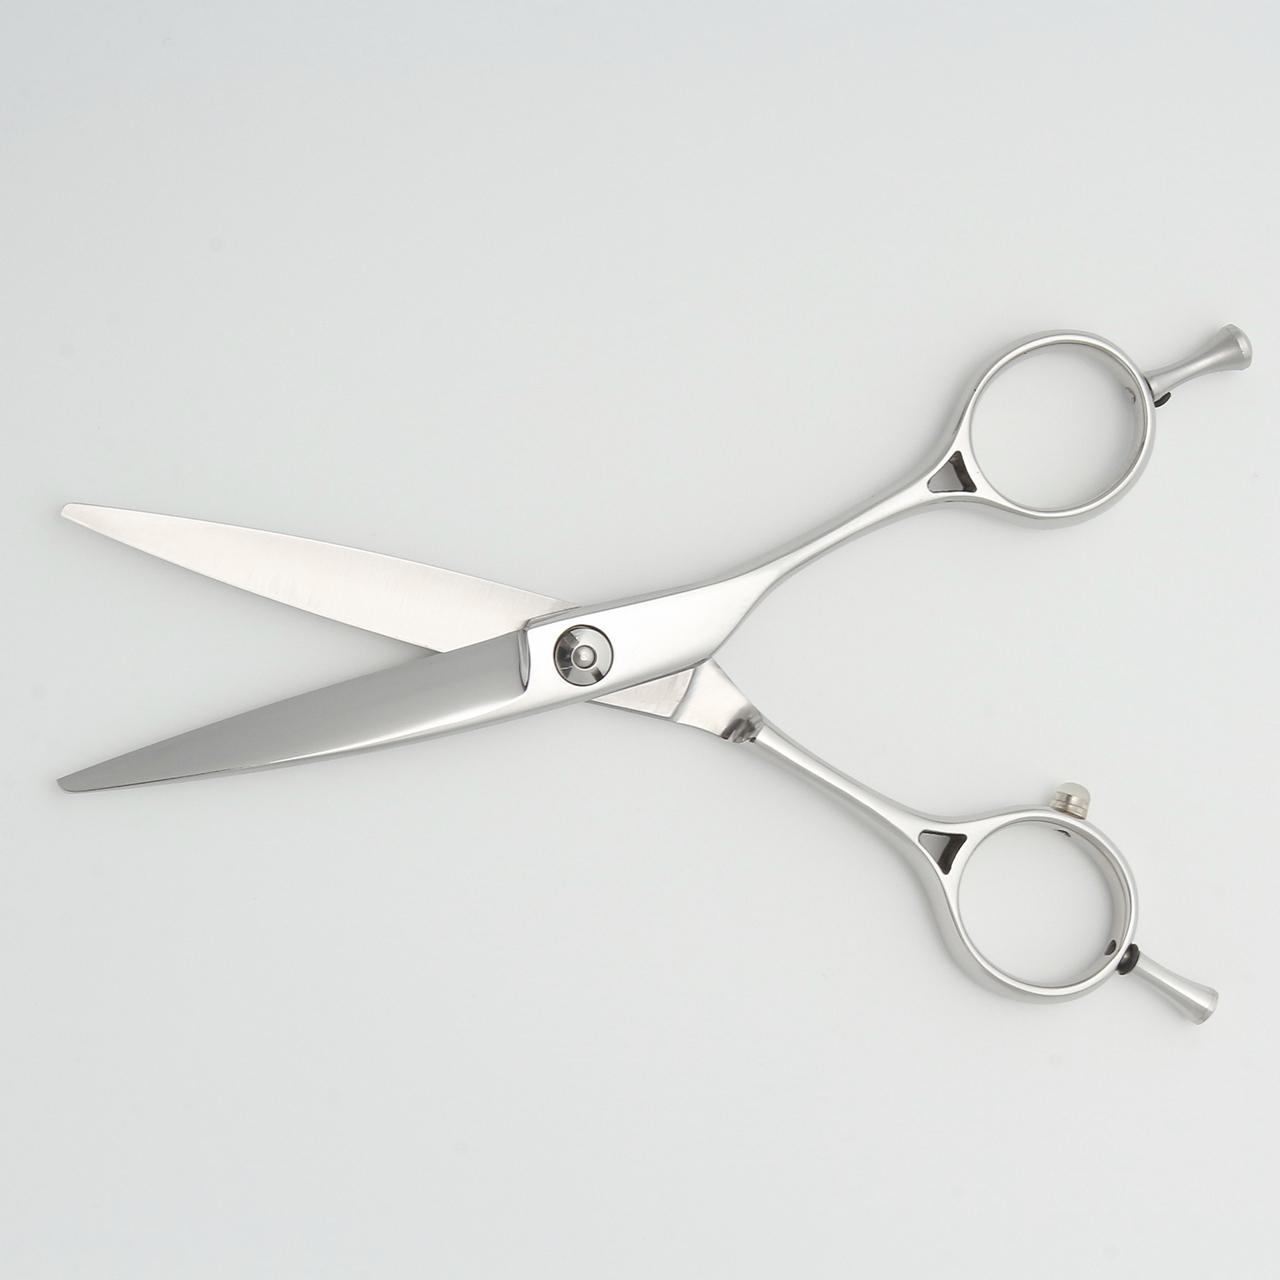 美容師用カット ハサミ  5.5カットシザー・メガネハンドル (通常価格38,800円)